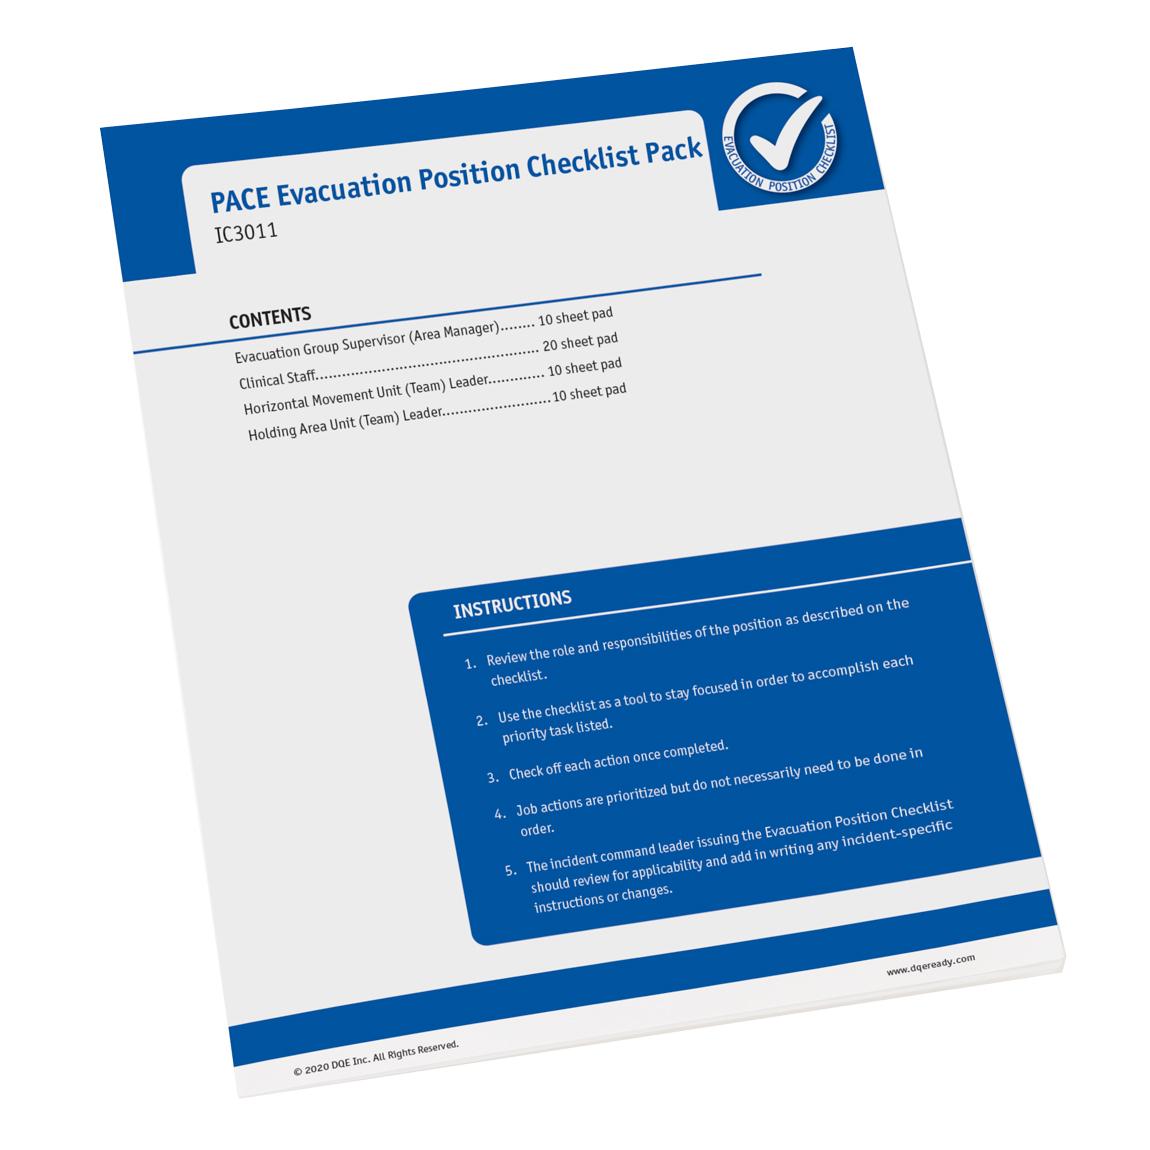 Evacuation Position Checklist image